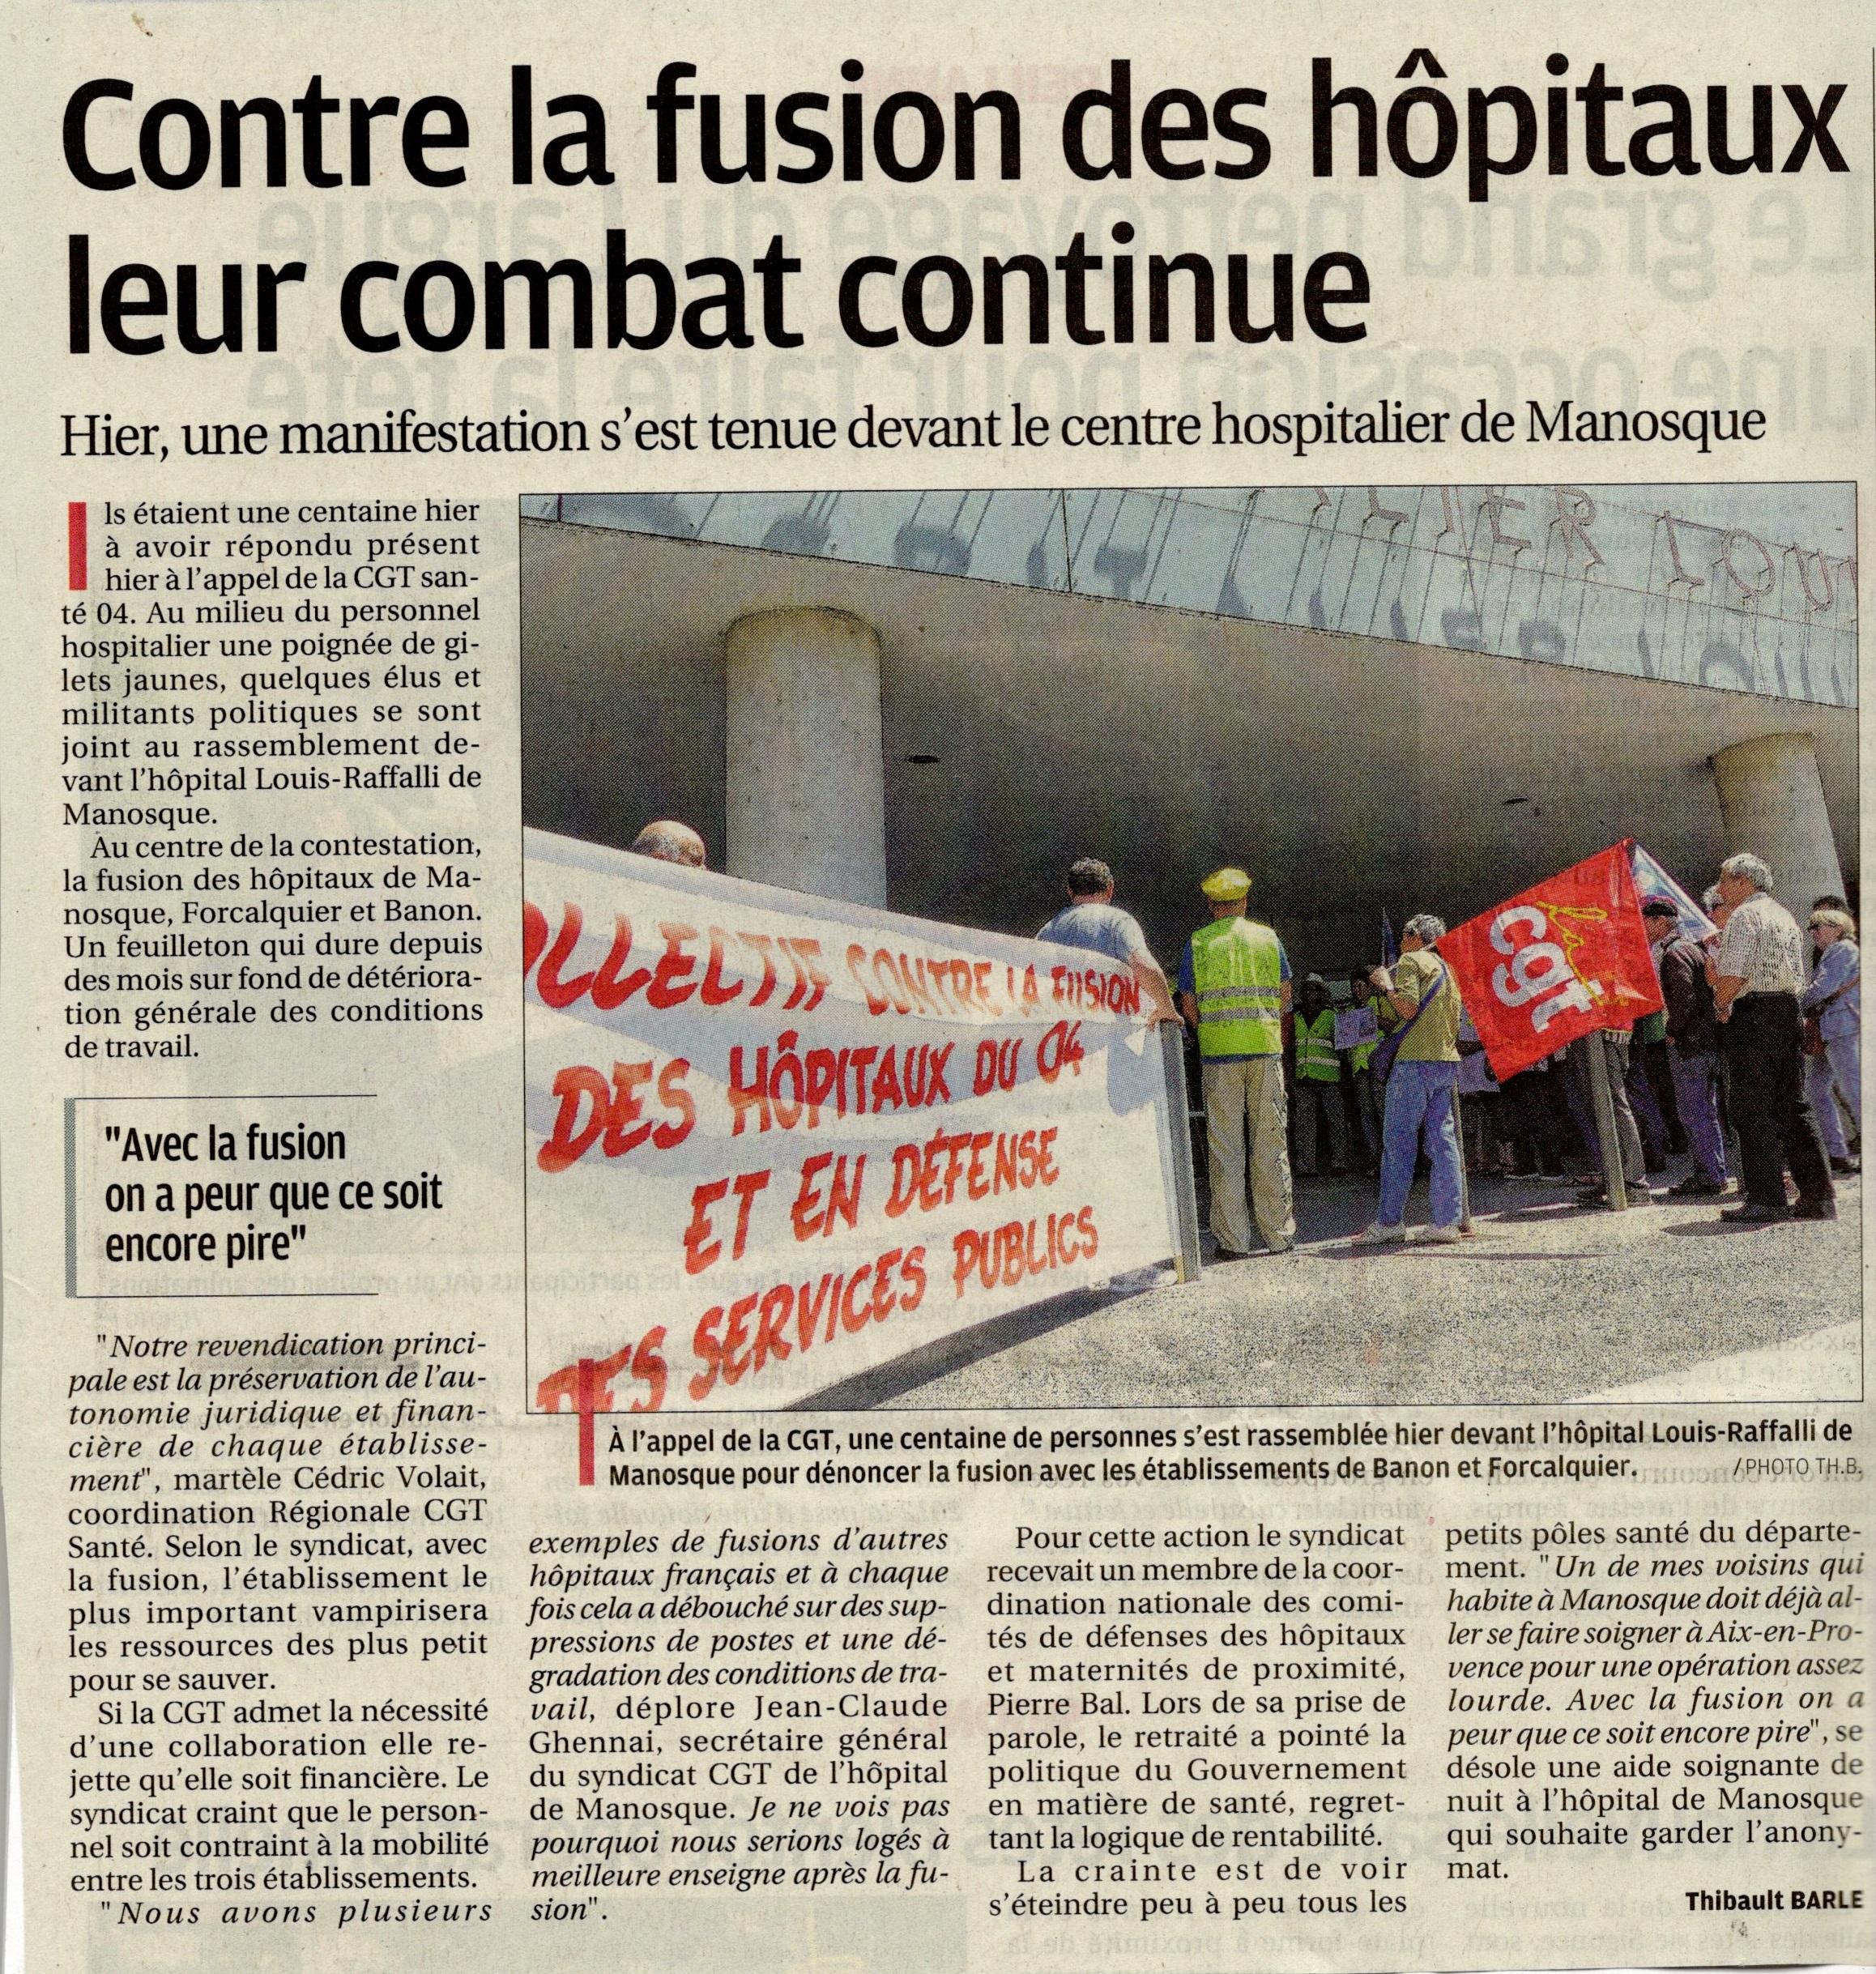 Article combat contre fusion des hôpitaux